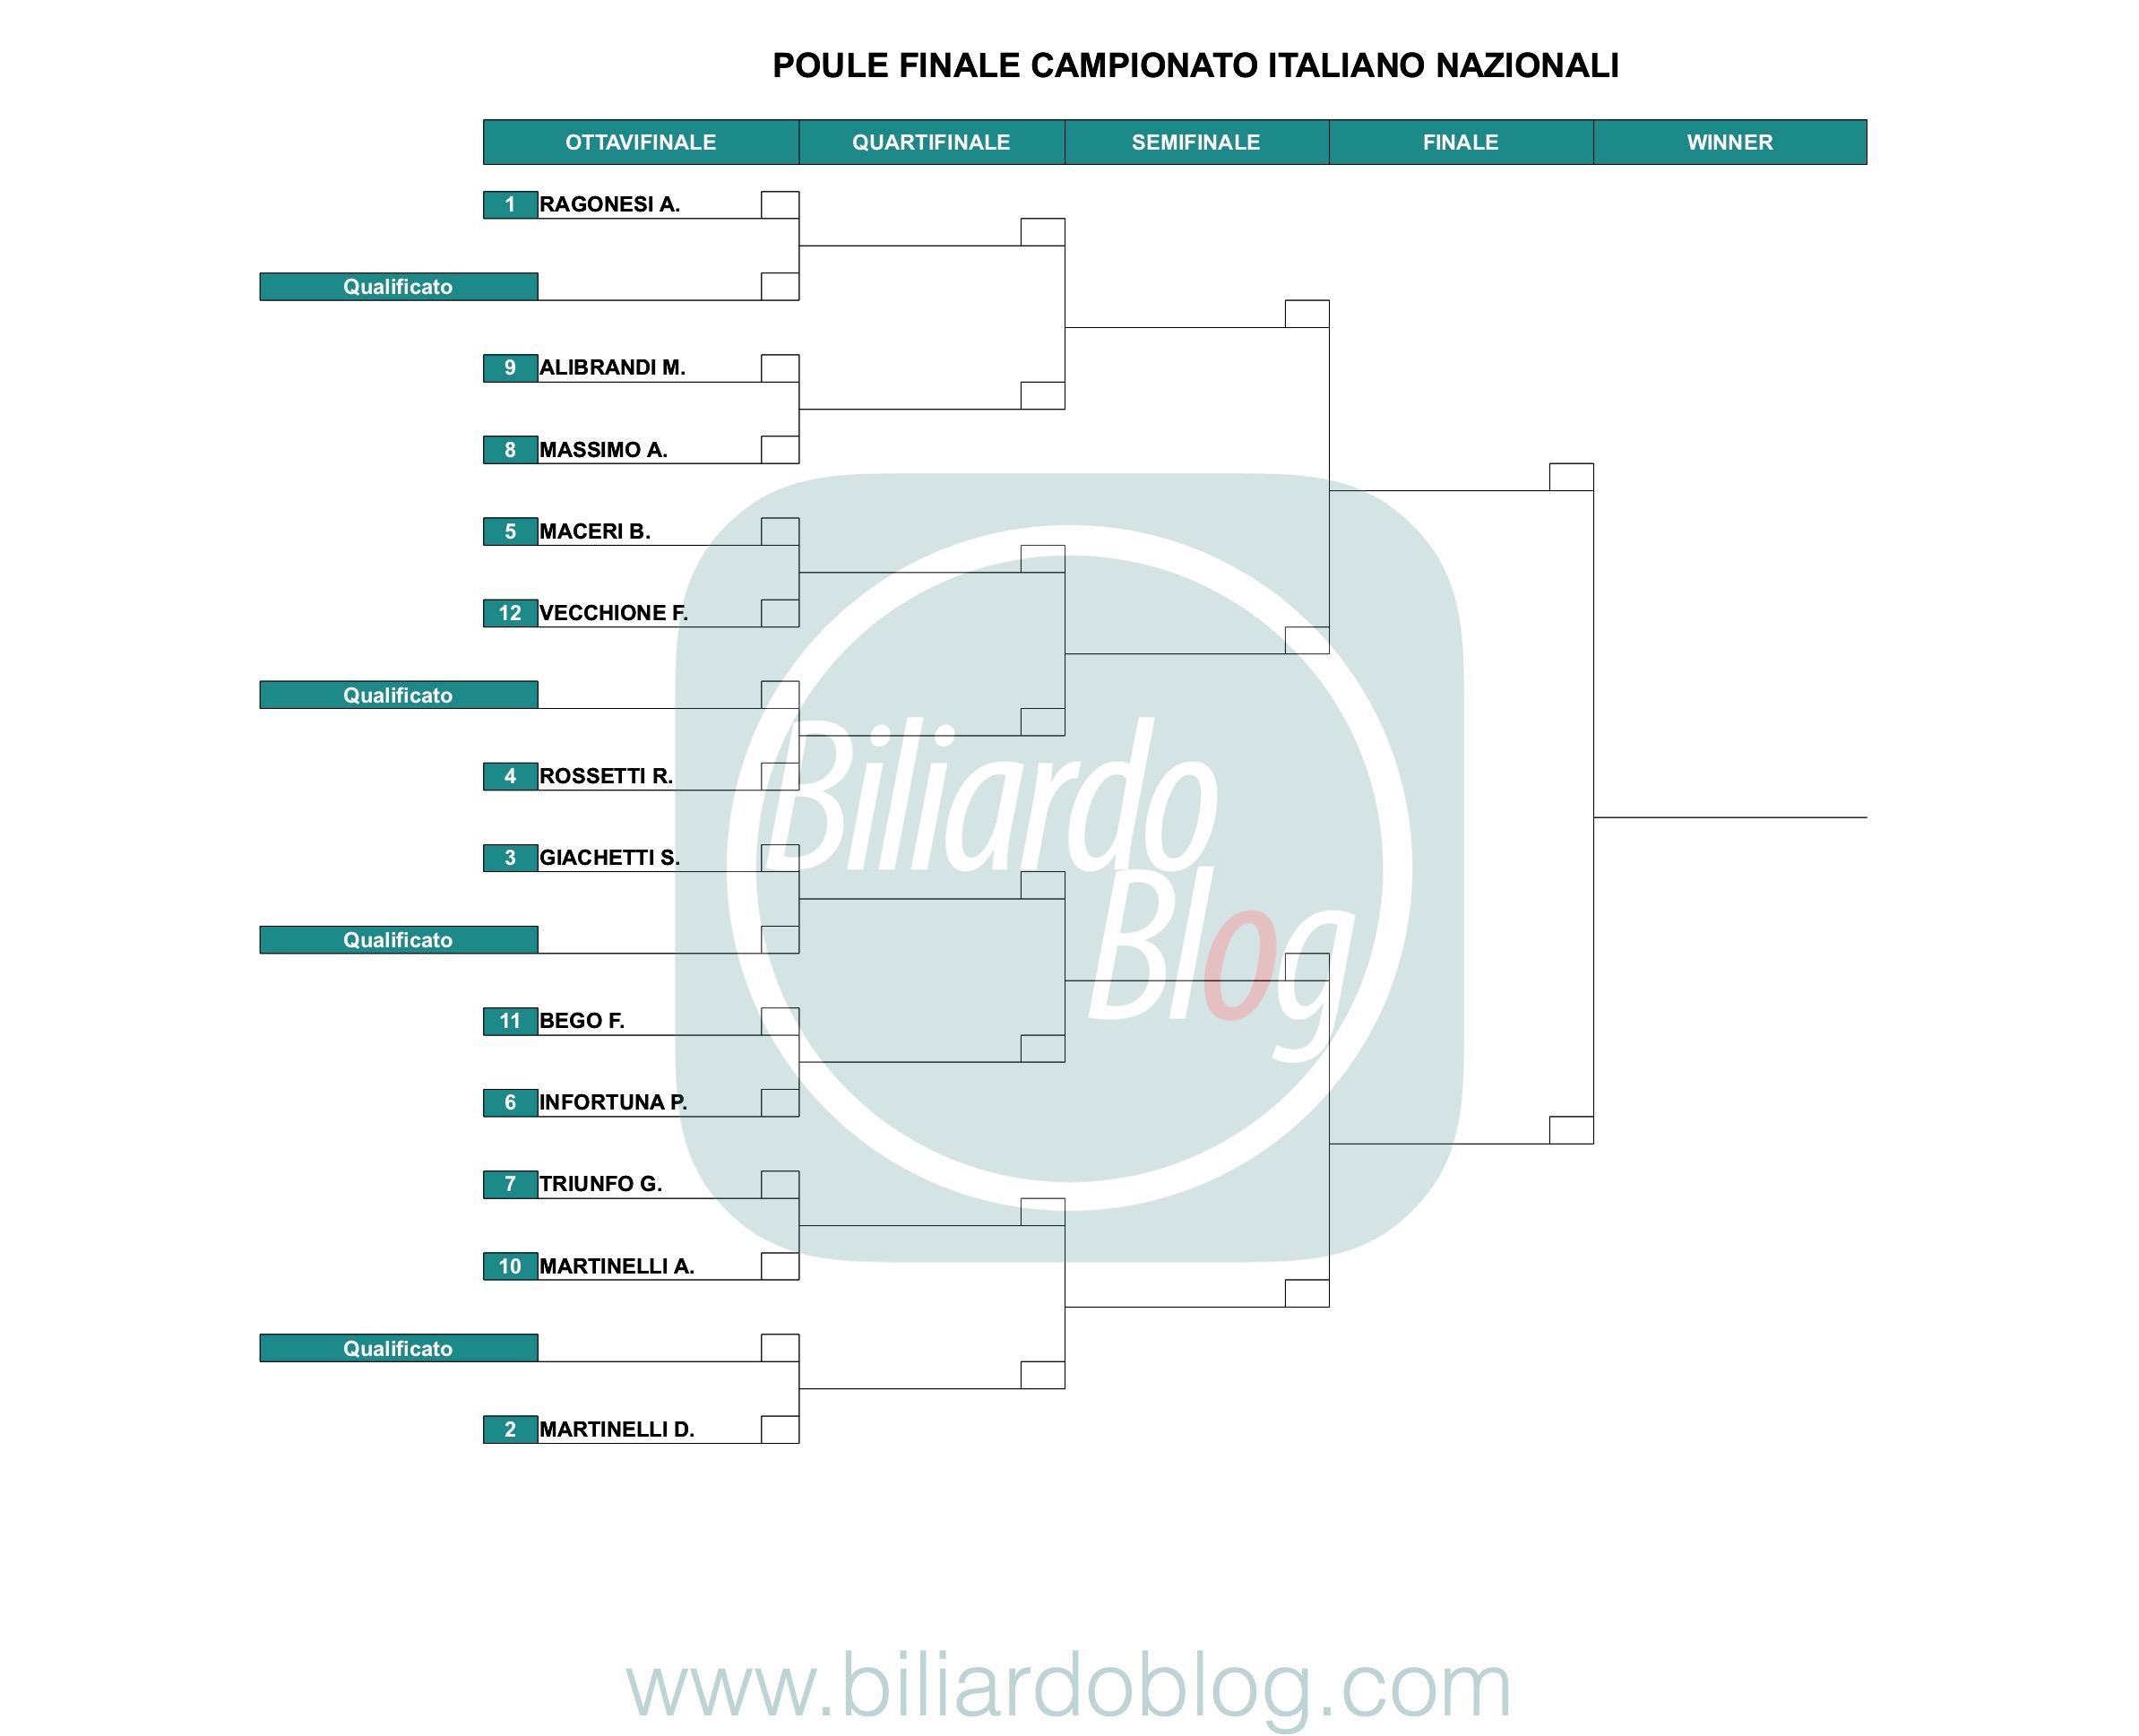 Le Finali del Campionato Italiano di Biliardo 2018 2019: Griglia dei nazionali